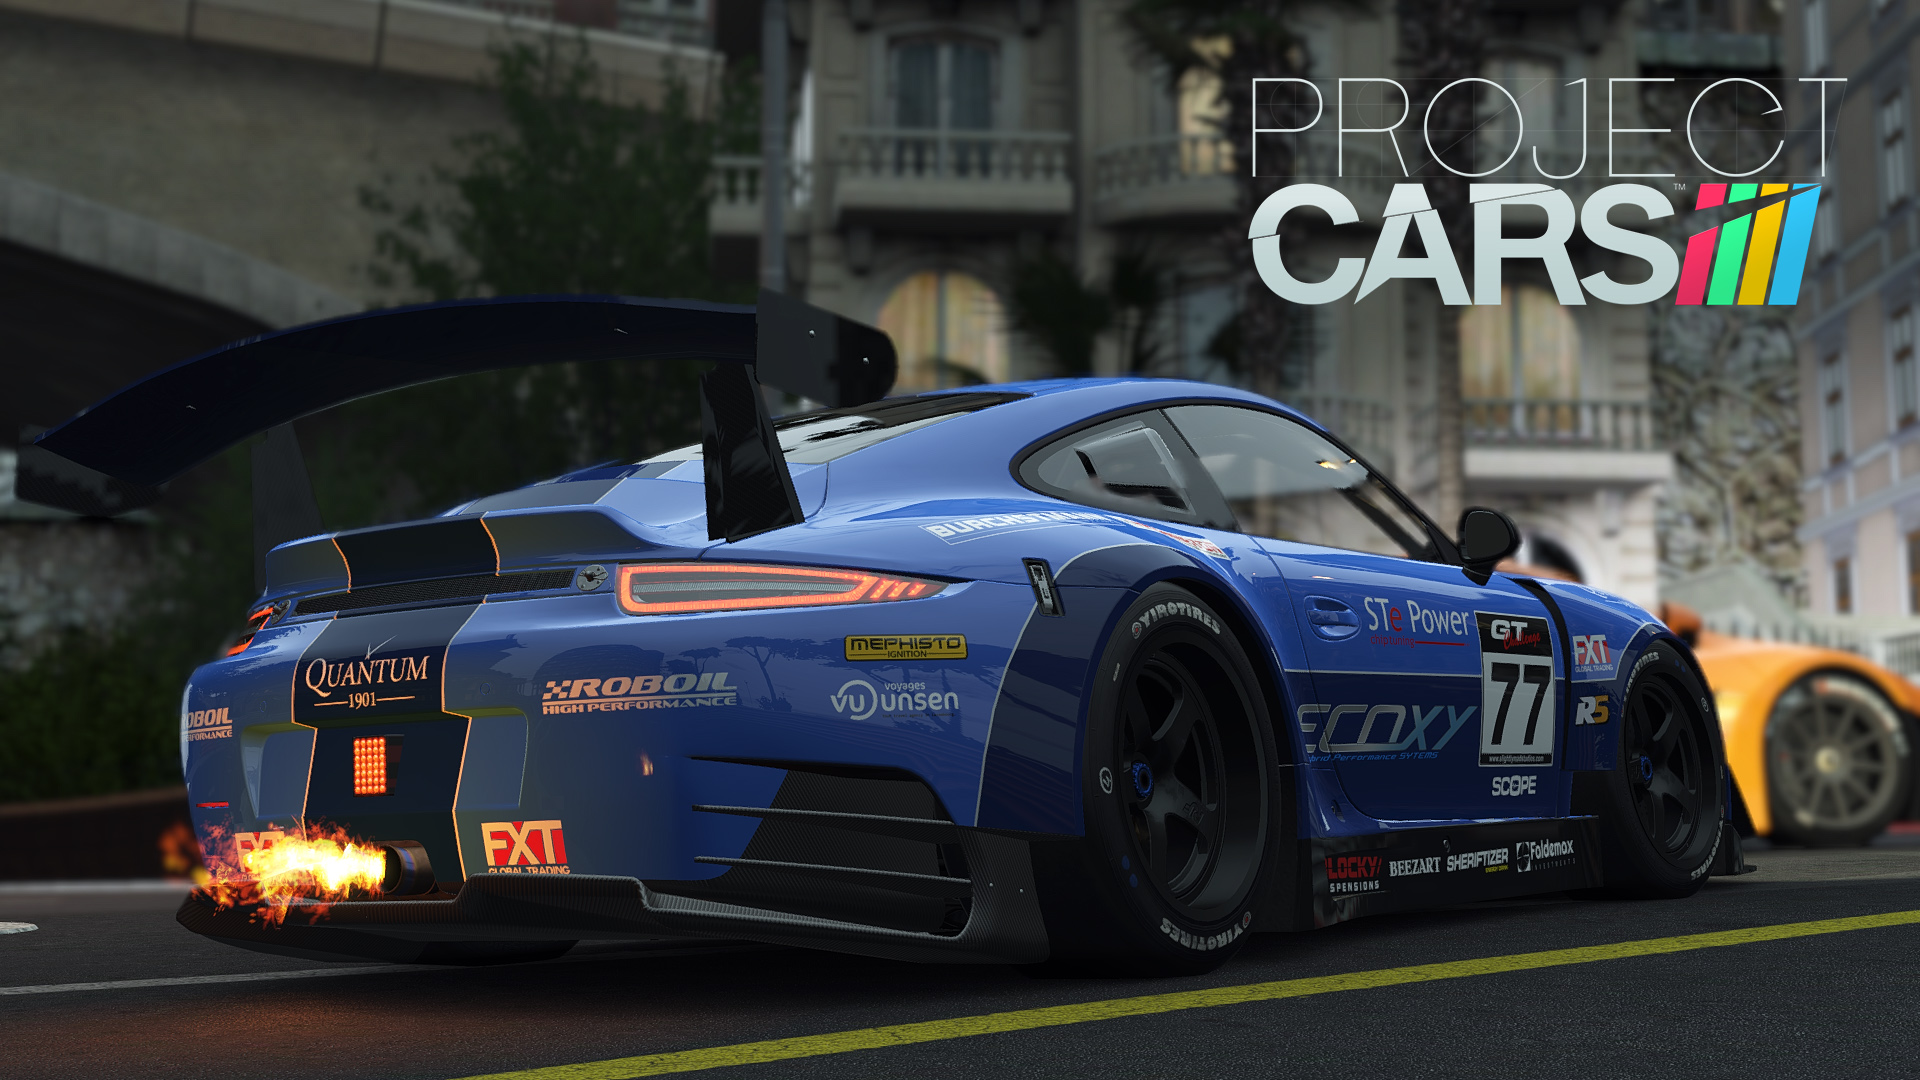 Resultado de imagen de project cars